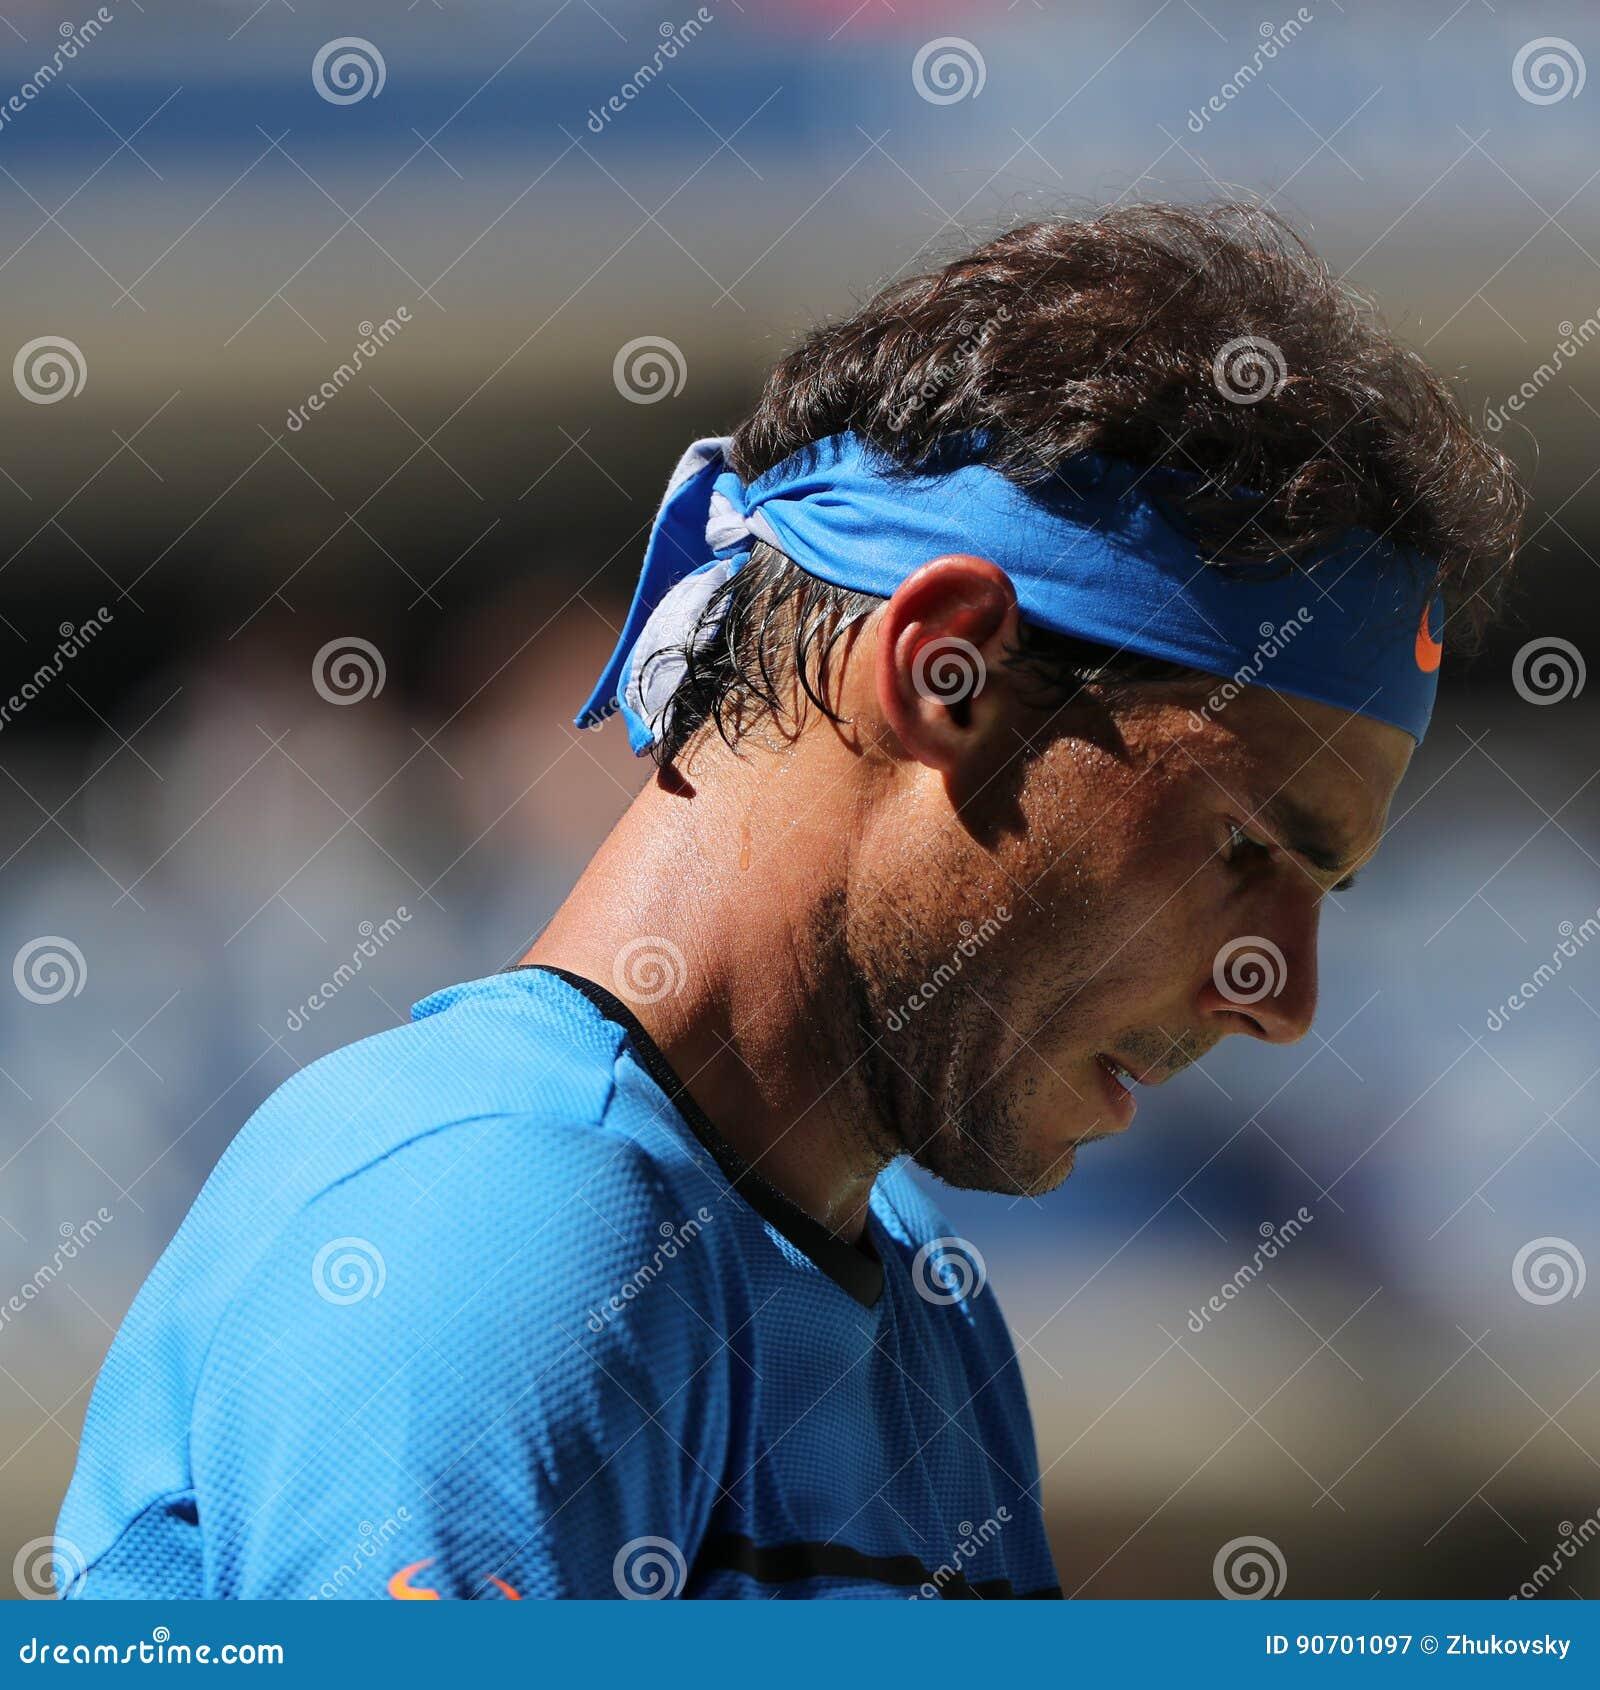 Grand Slam-Meister Rafael Nadal von Spanien in der Aktion während seines US Open-Erstrundematches 2016